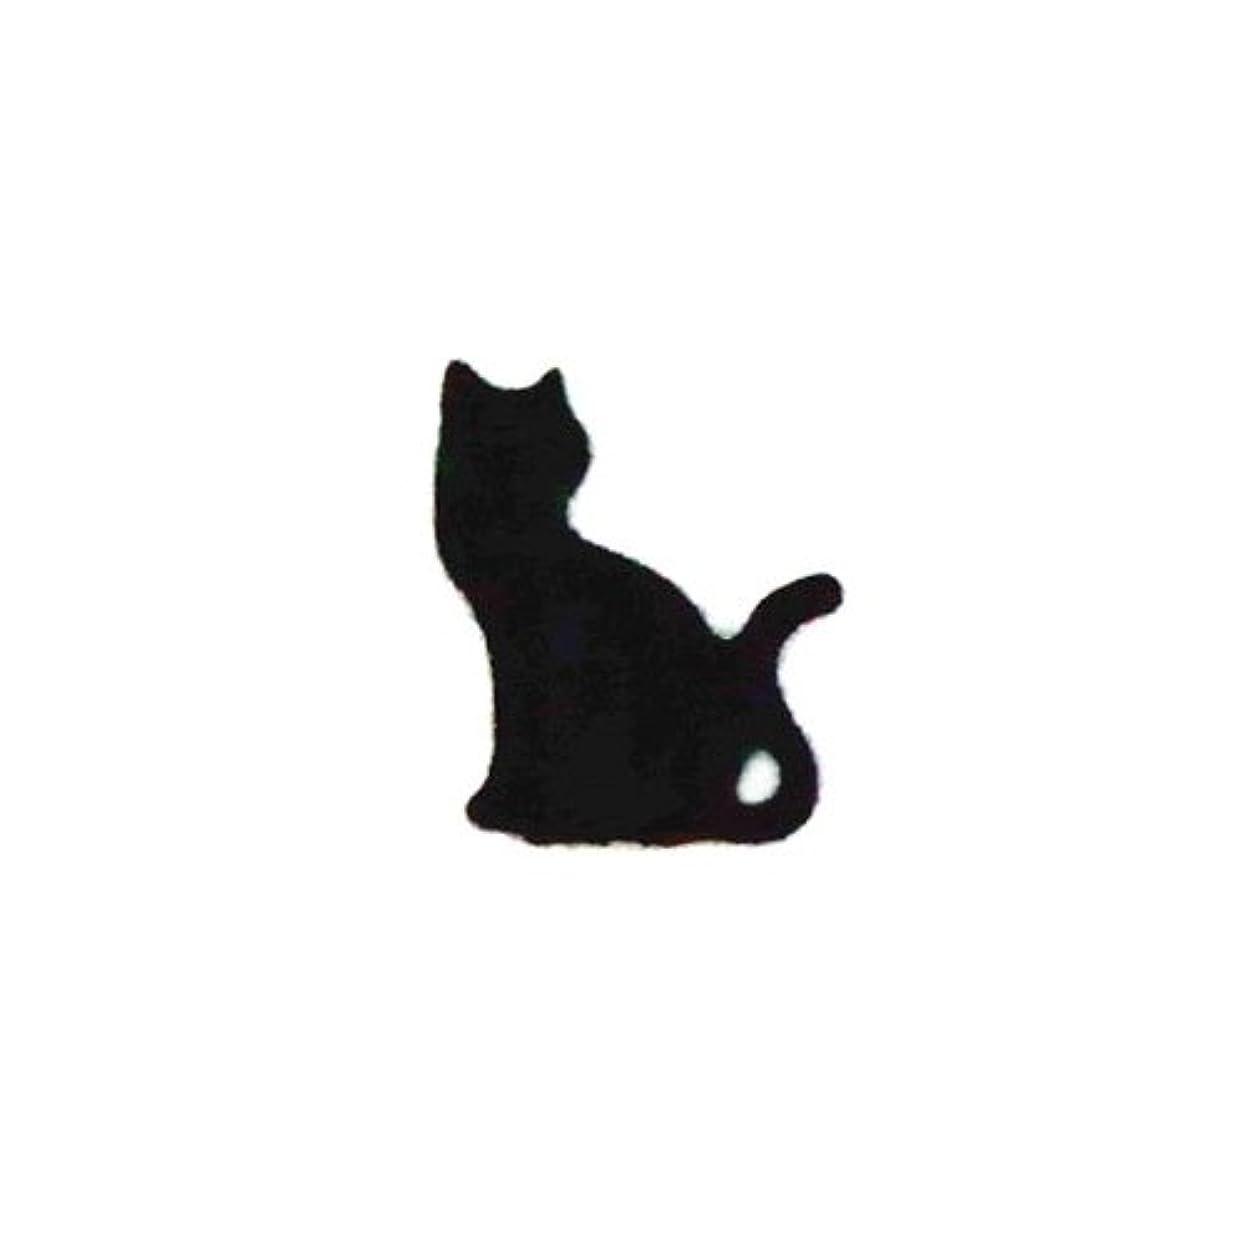 会計士健康免疫するリトルプリティー ネイルアートパーツ 猫3 ブラック 10個